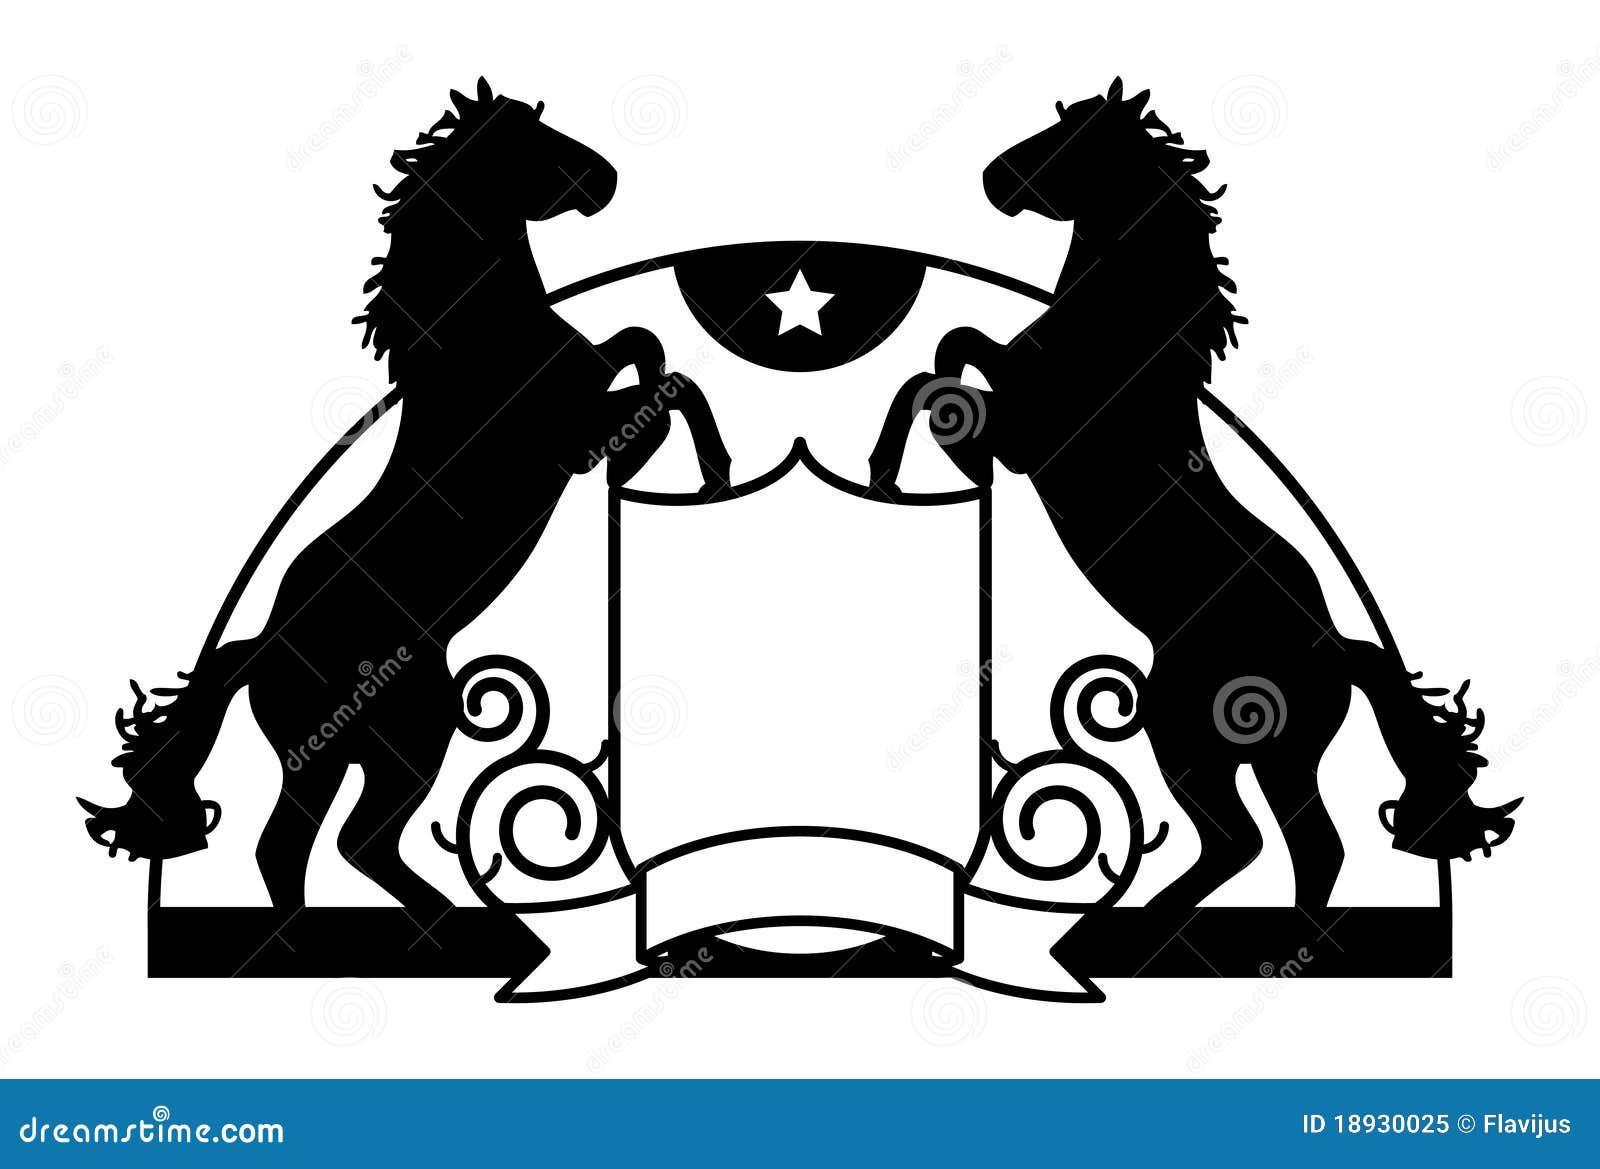 Cavallo stilizzato illustrazione vettoriale illustrazione for Cavallo stilizzato